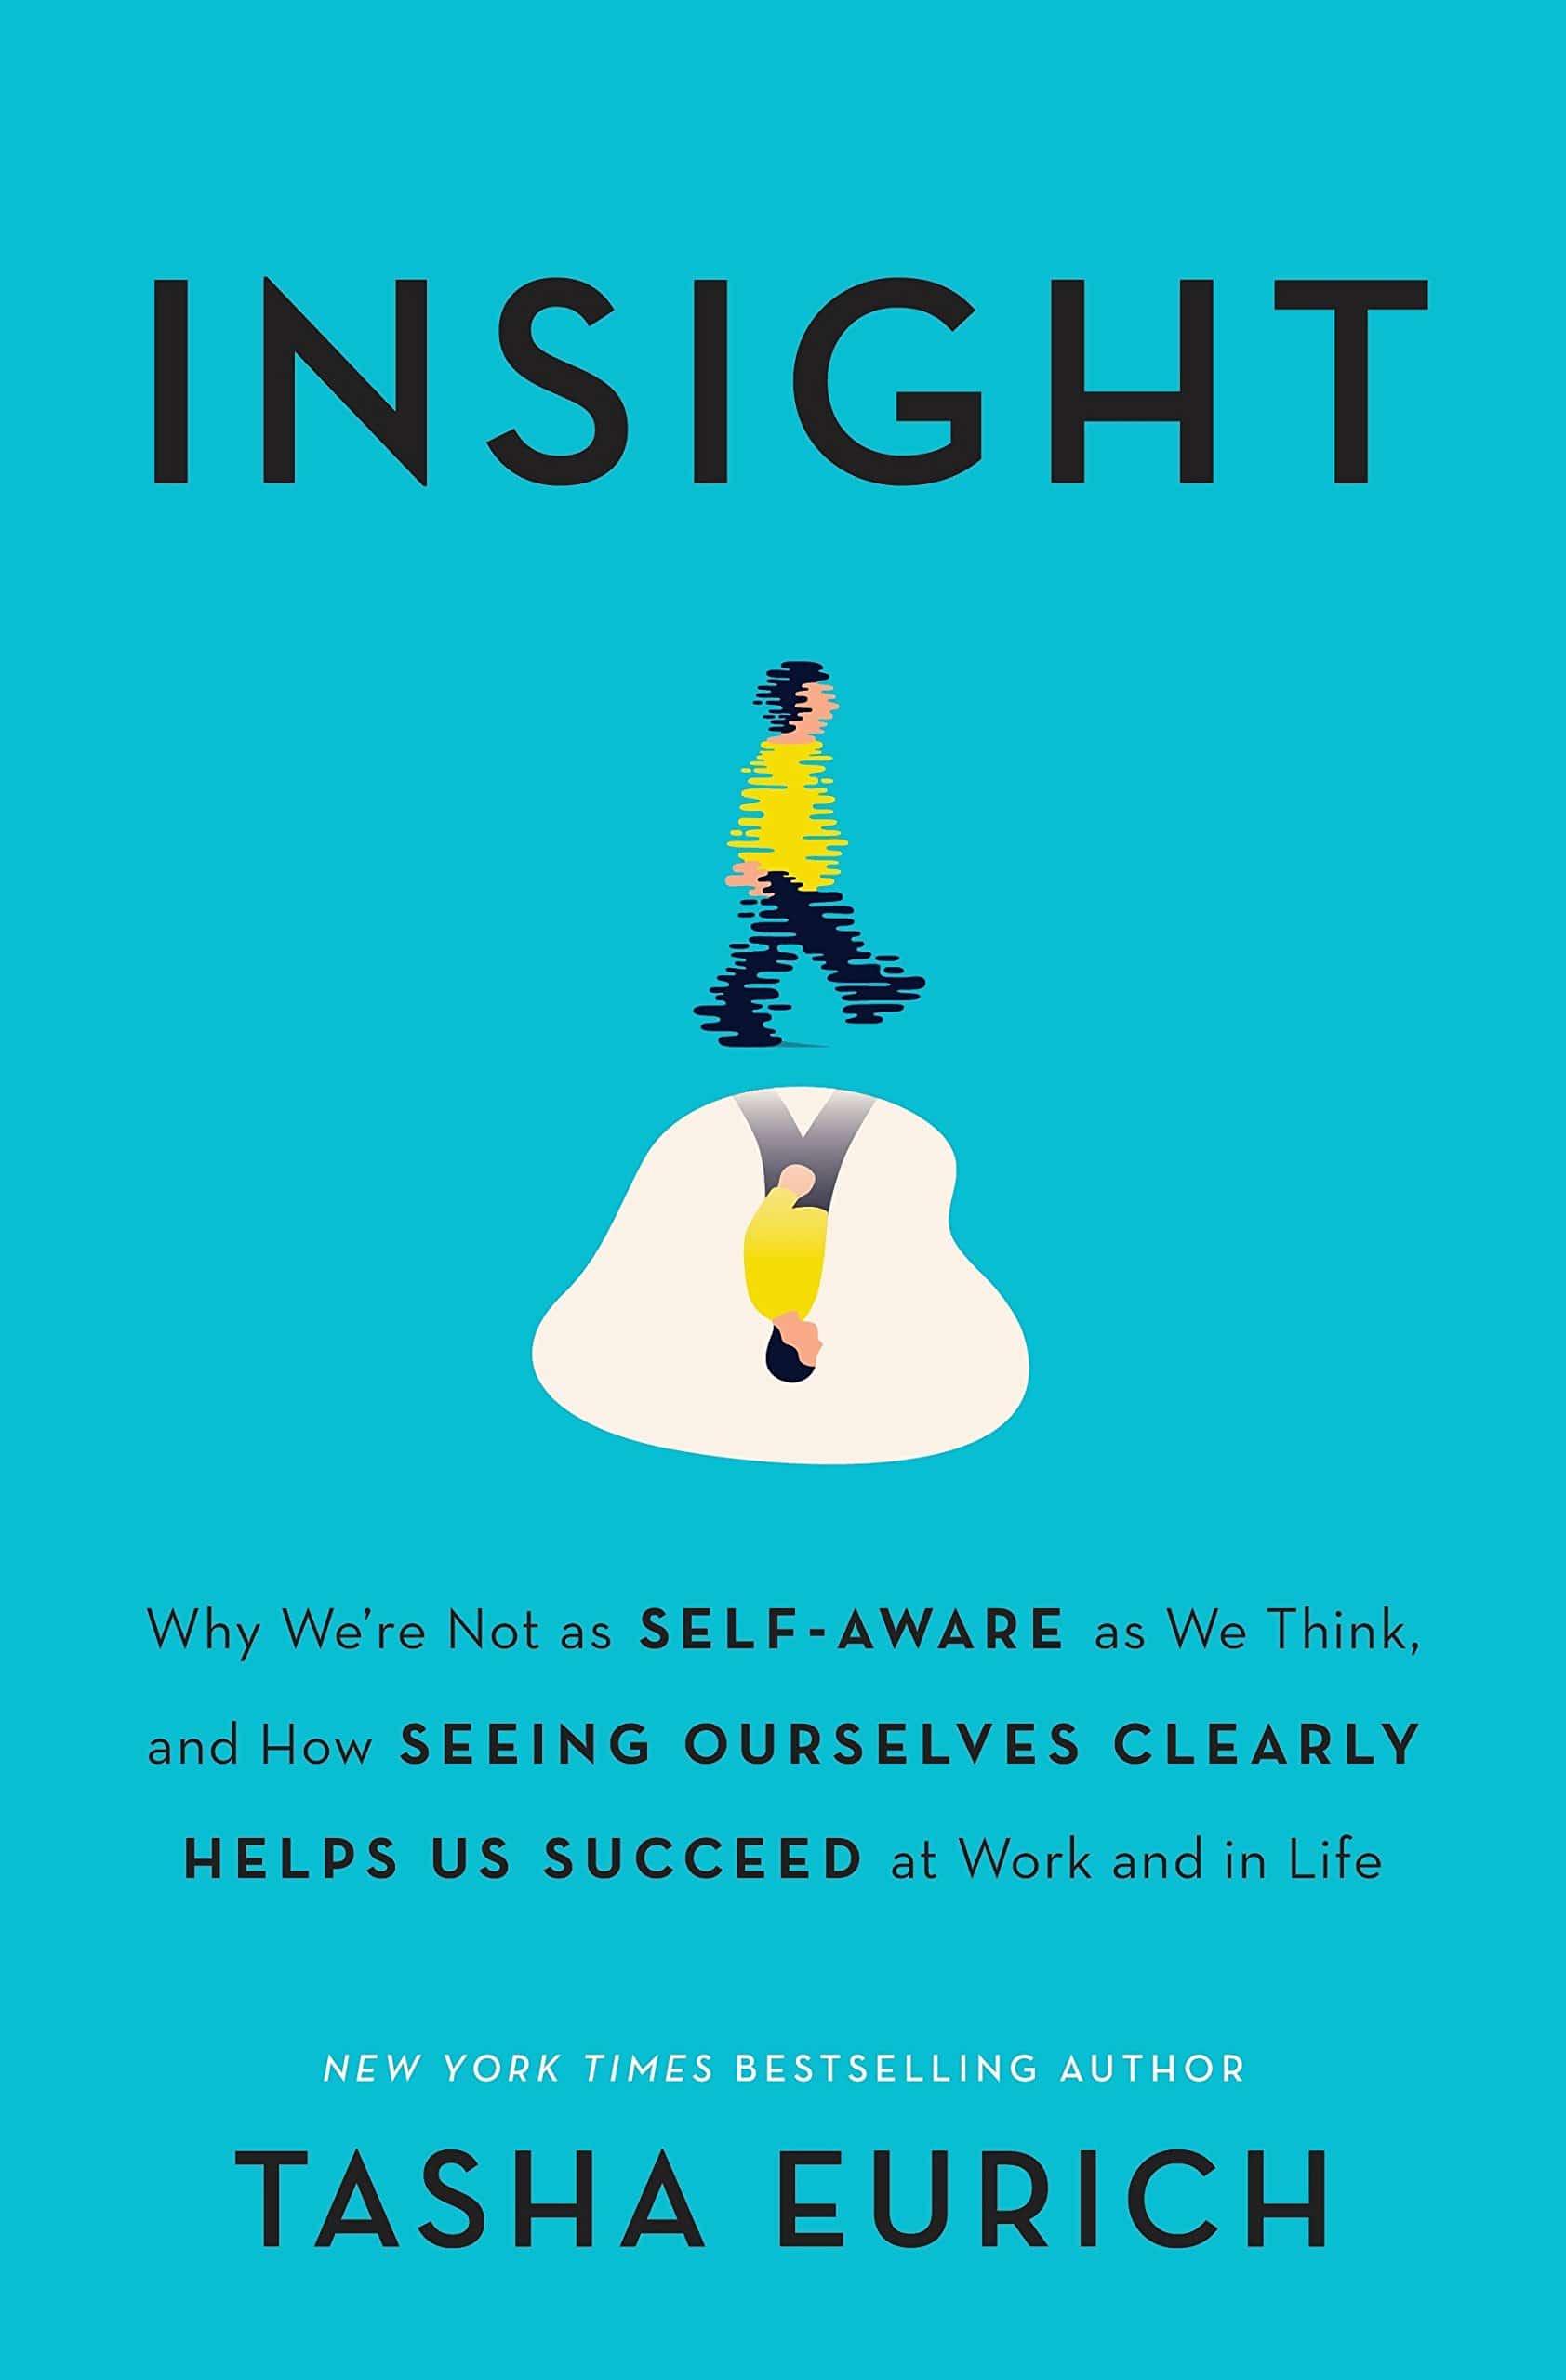 insight A maior habilidade do século 21: autoconhecimento